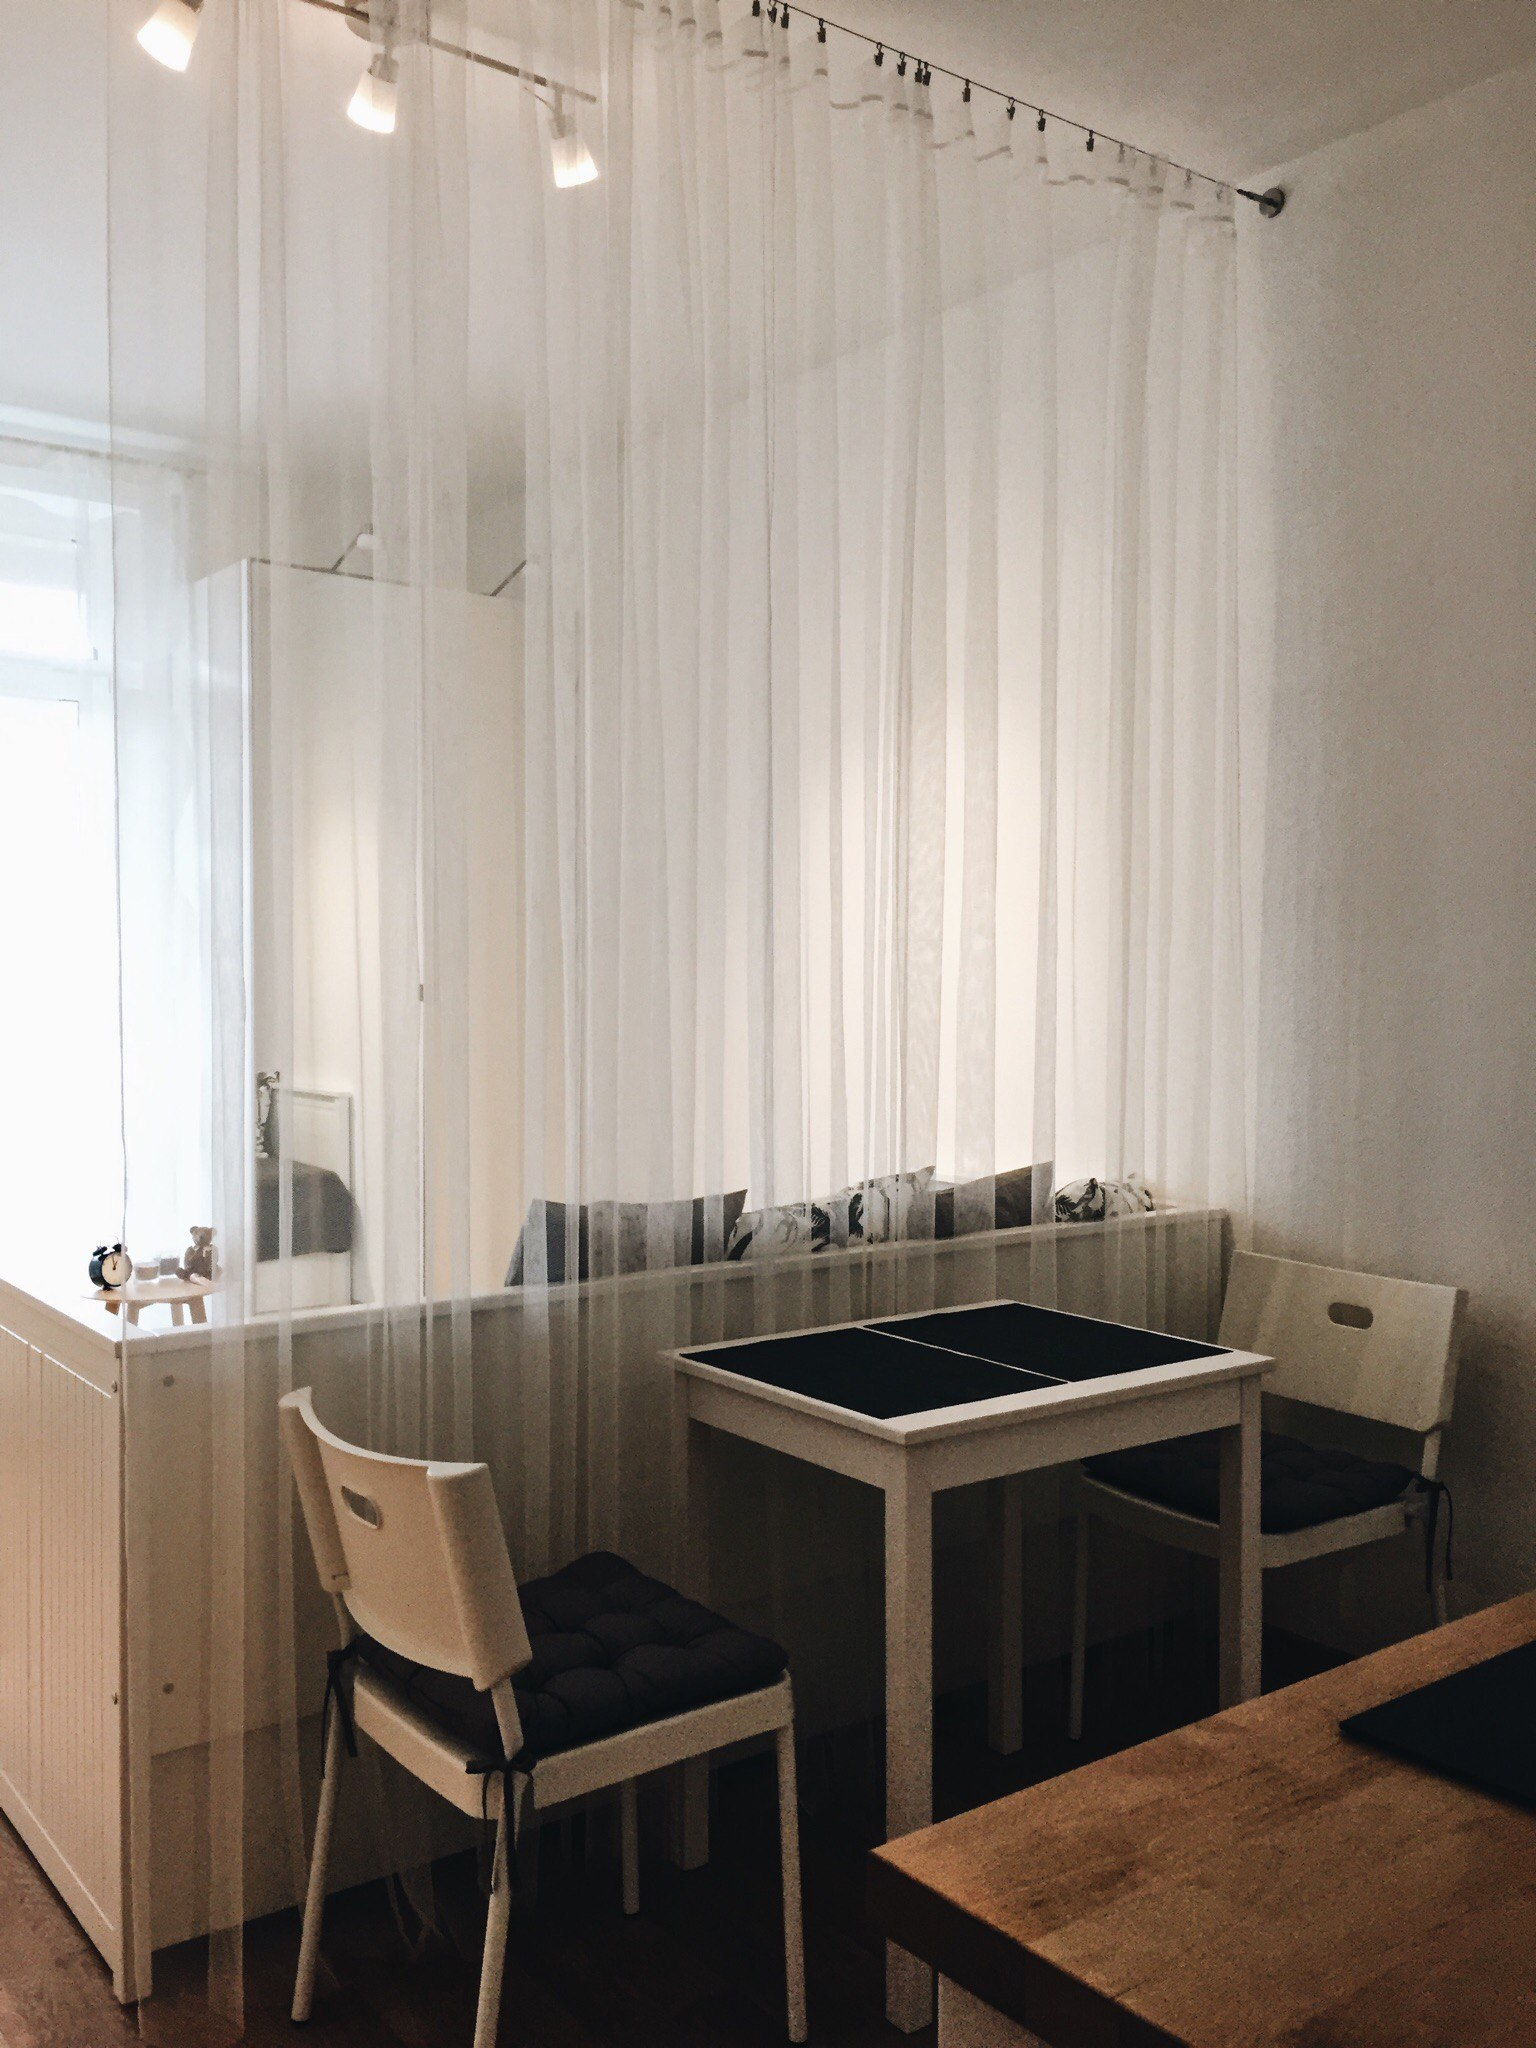 Хочу поделиться вариантом расстановки мебели в маленькой студии всего 22 метра.